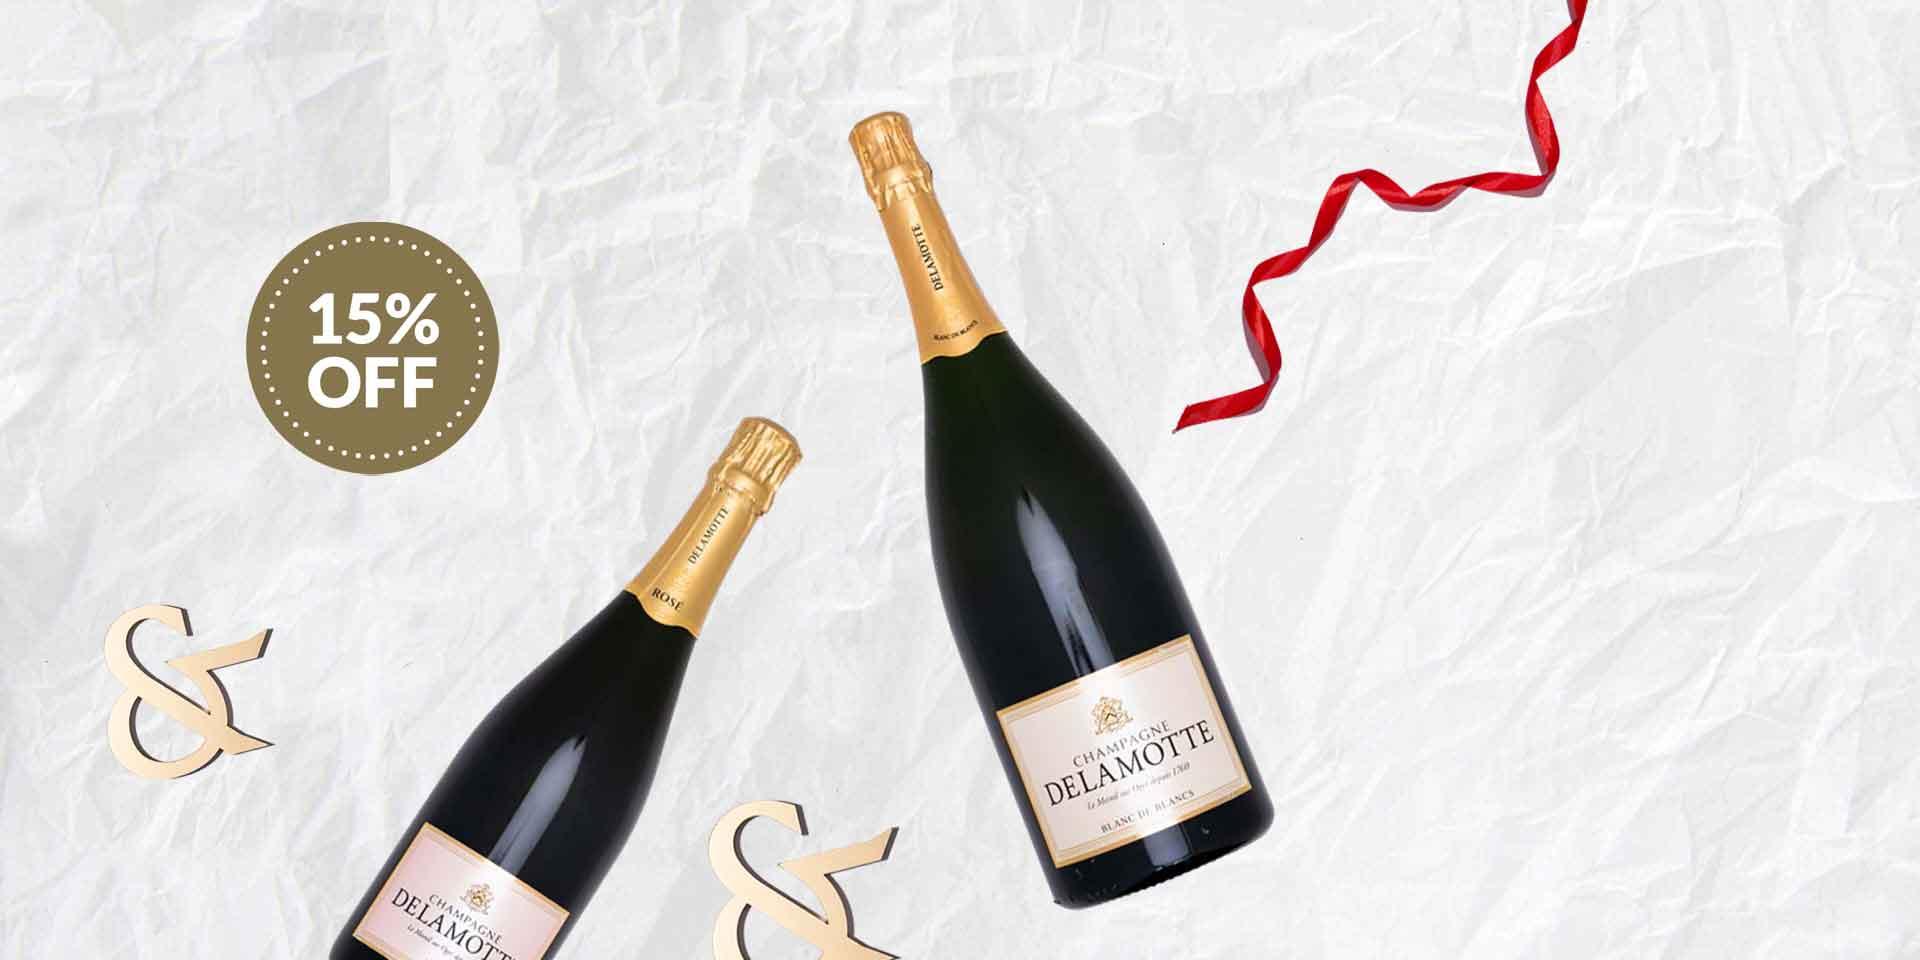 Delamotte Champagne Offer